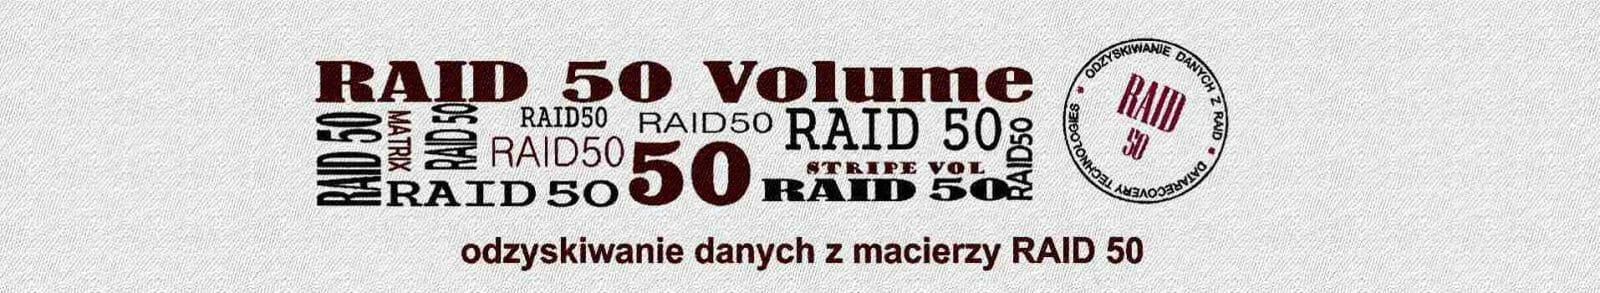 raid-50-A-1914x350 Odzyskiwanie danych z macierzy Raid 50